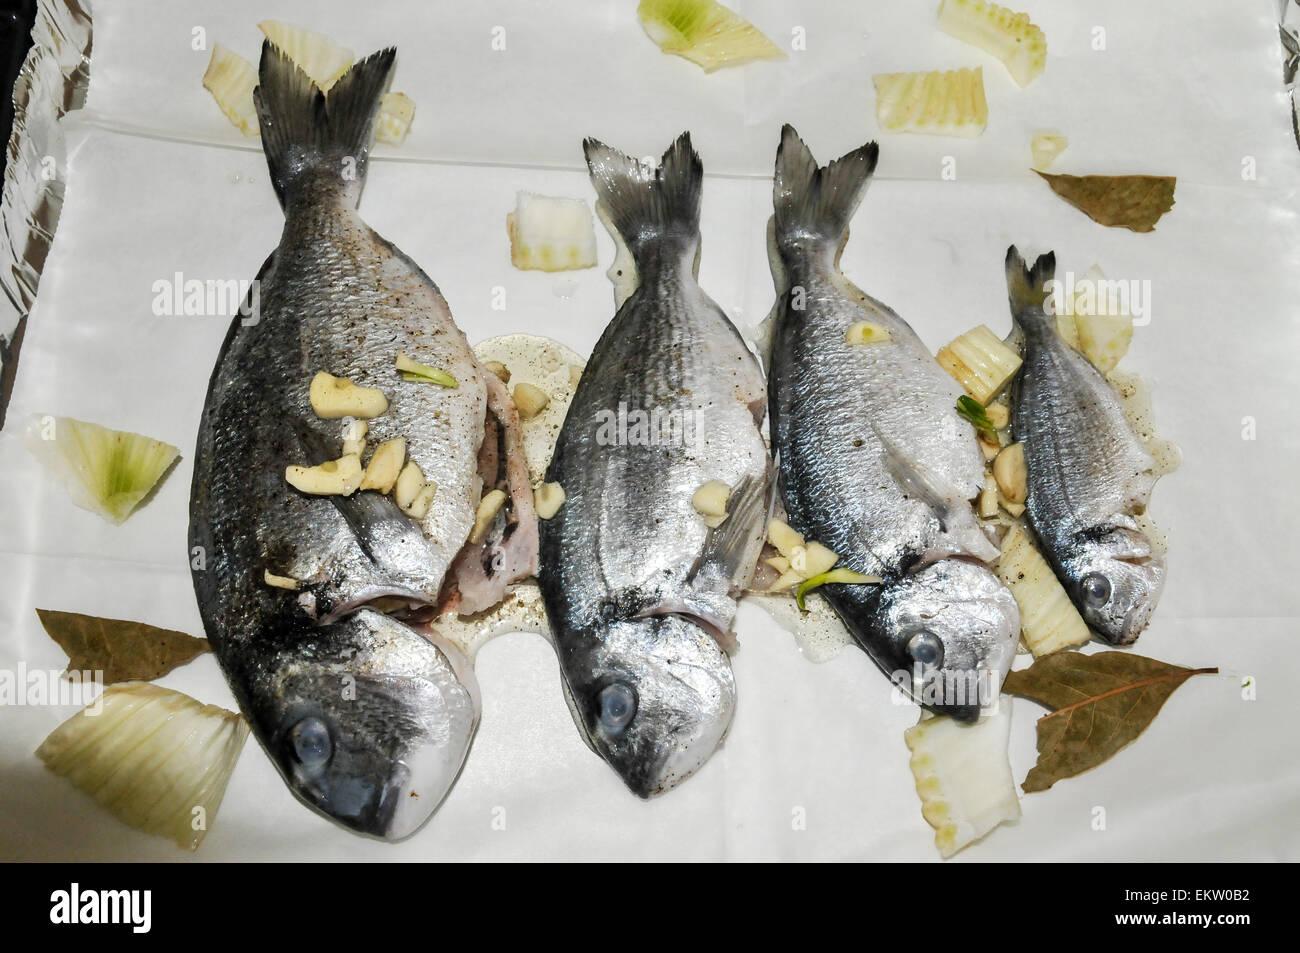 Roher Fisch zum Grillen bereit Stockbild